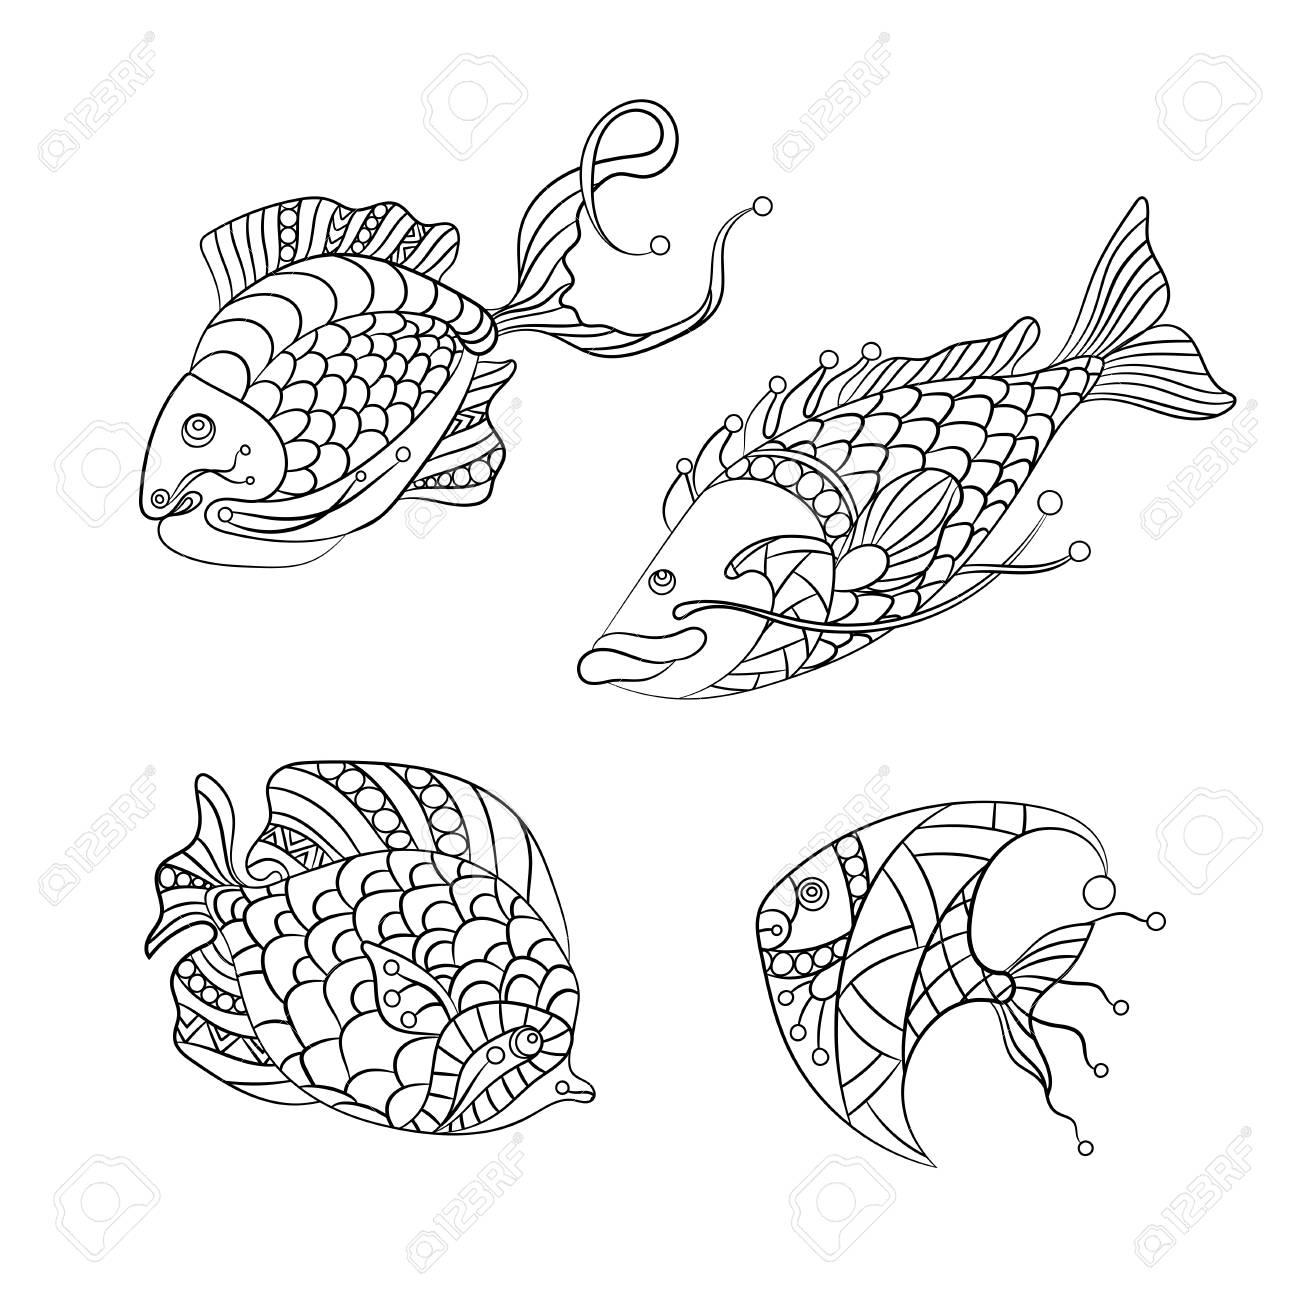 Malvorlage Angler Zeichnung